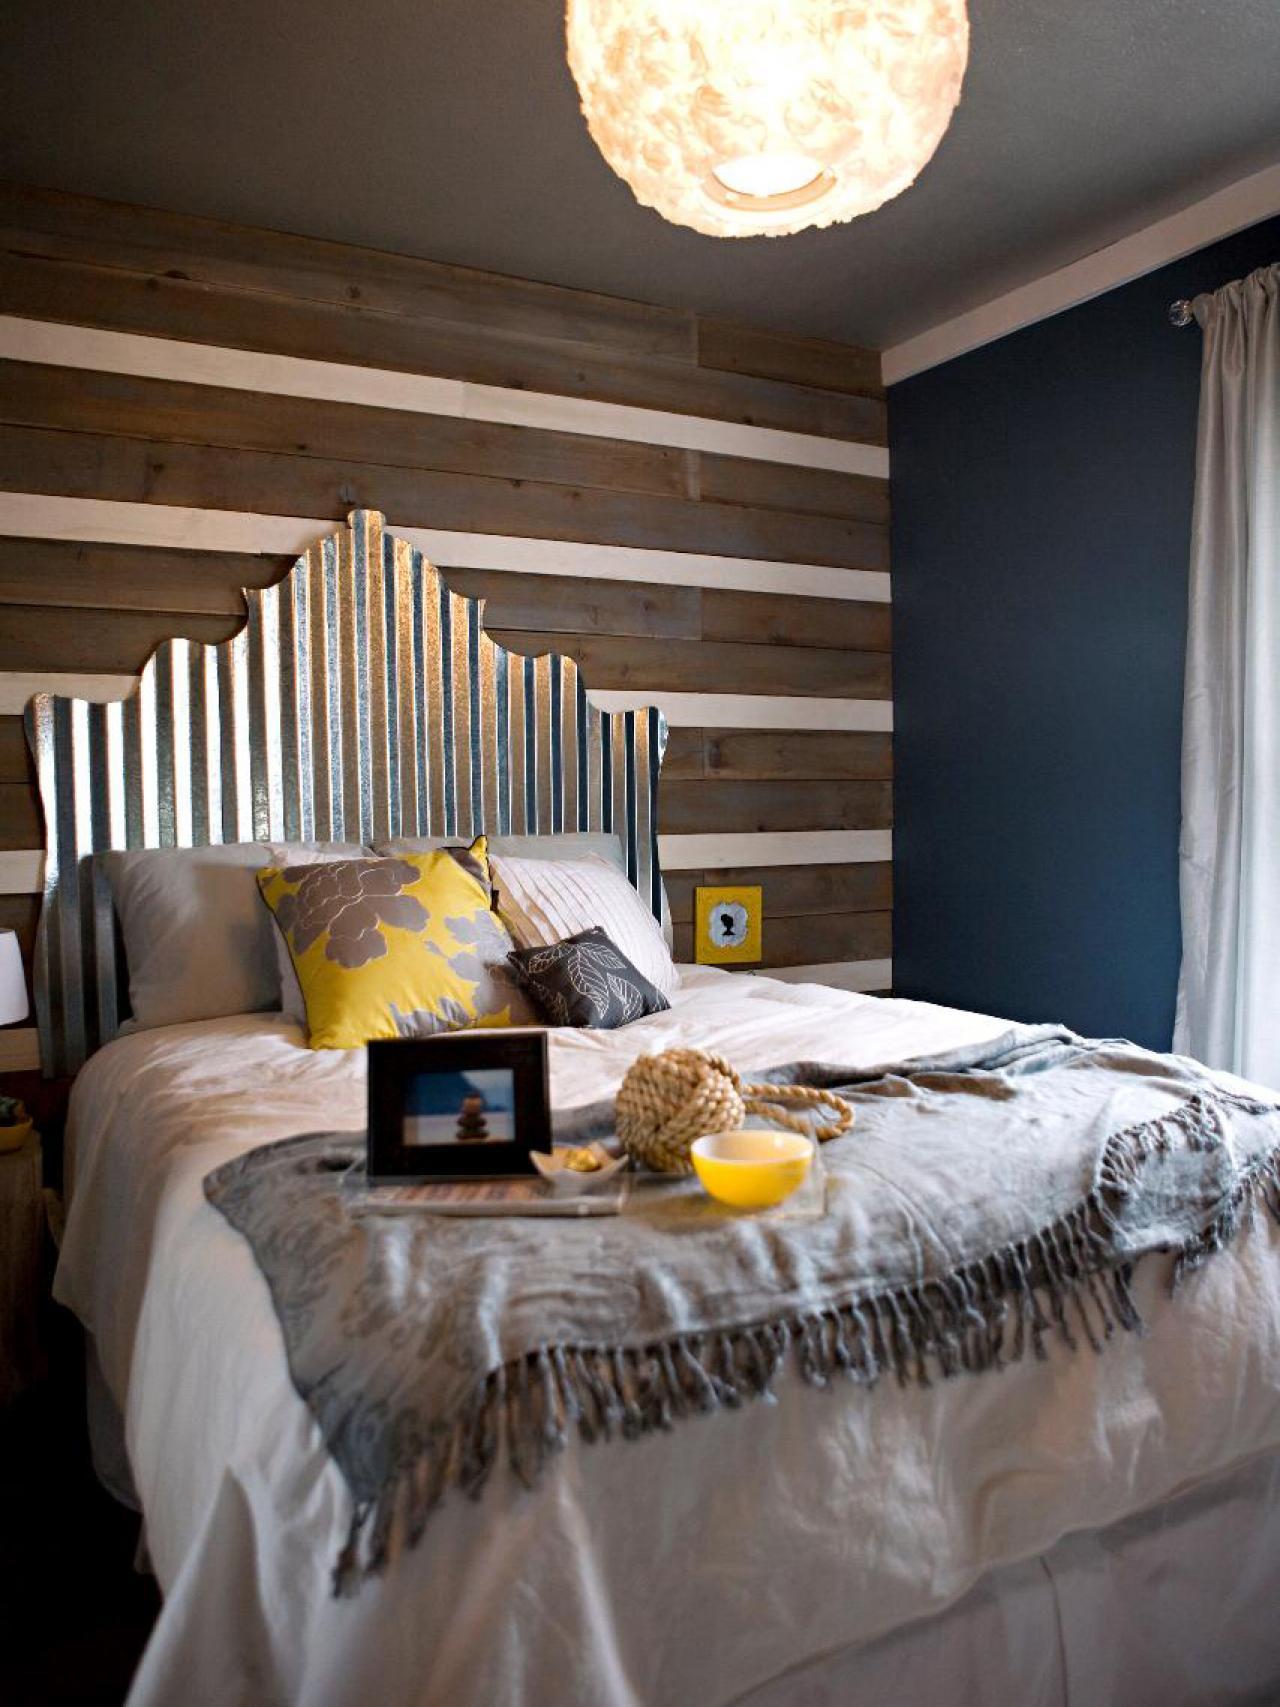 45 exemples de tte de lit originale en styles diffrents